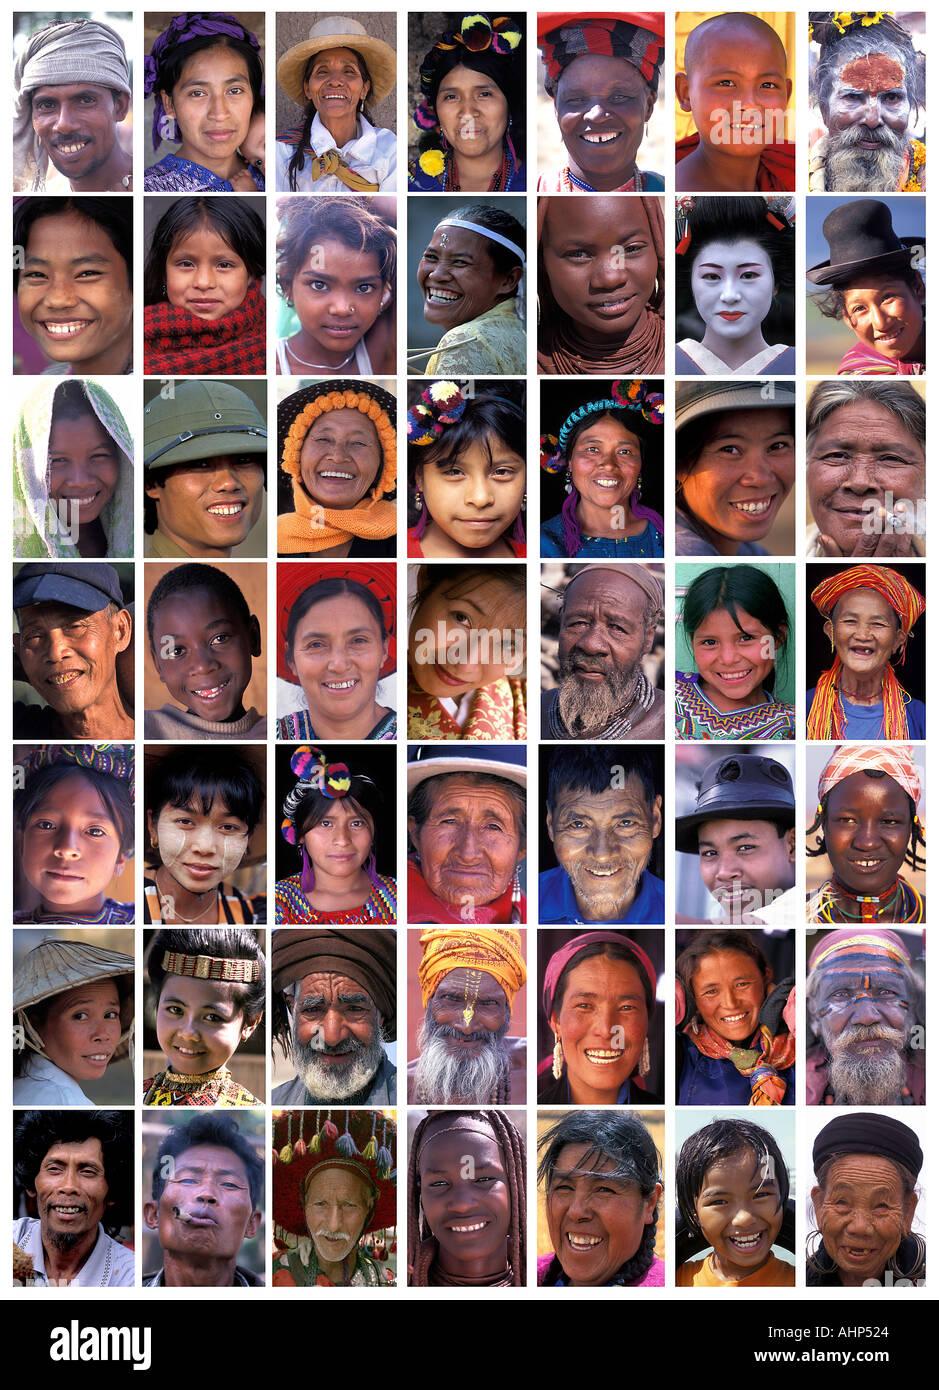 Collage de portraits de visages à travers le monde Asie Amérique latine et l'Afrique de l'image grand format Photo Stock